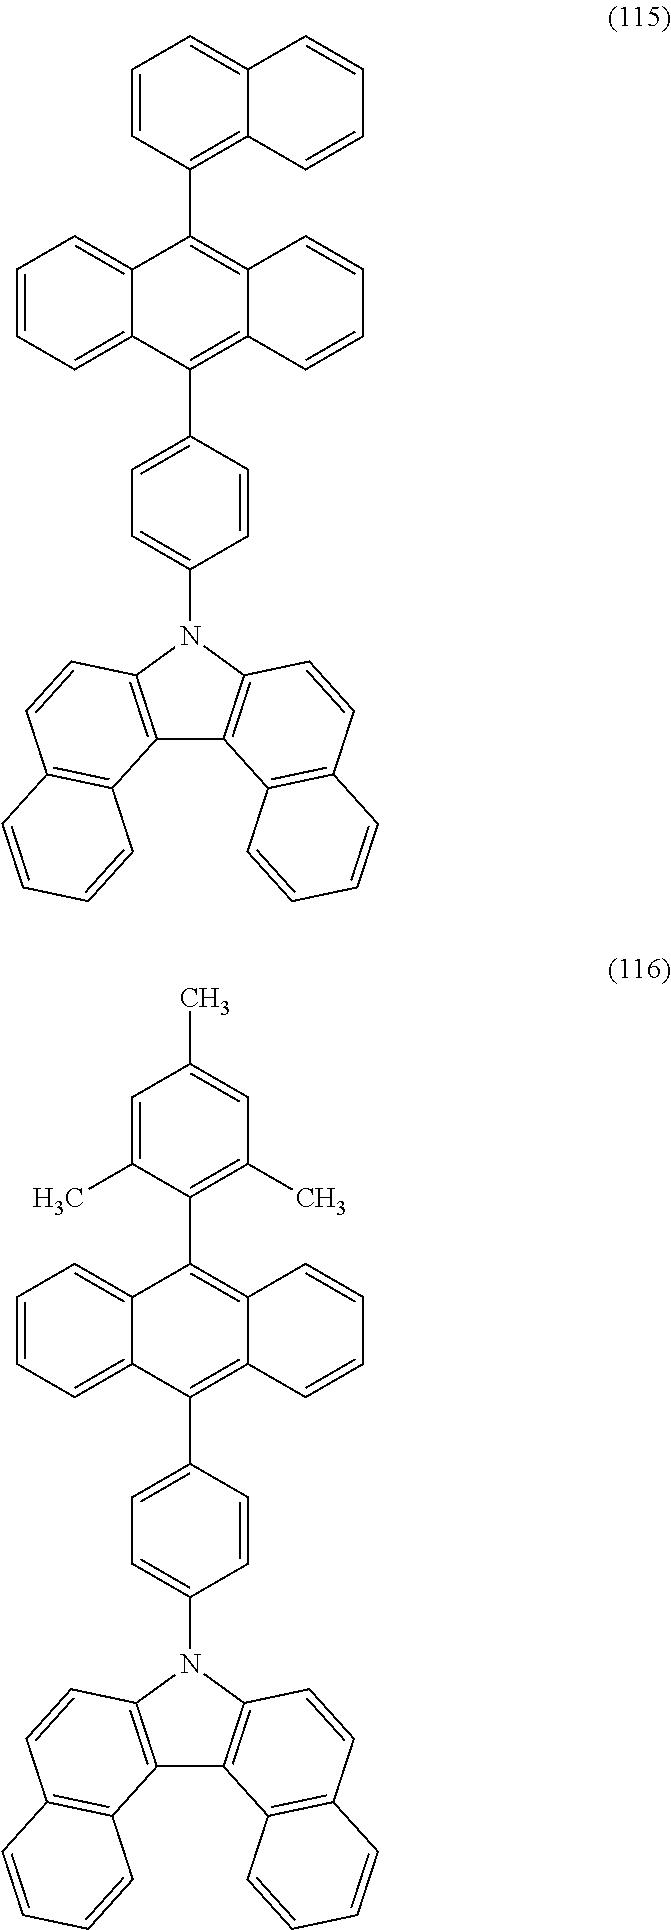 Figure US09240558-20160119-C00049